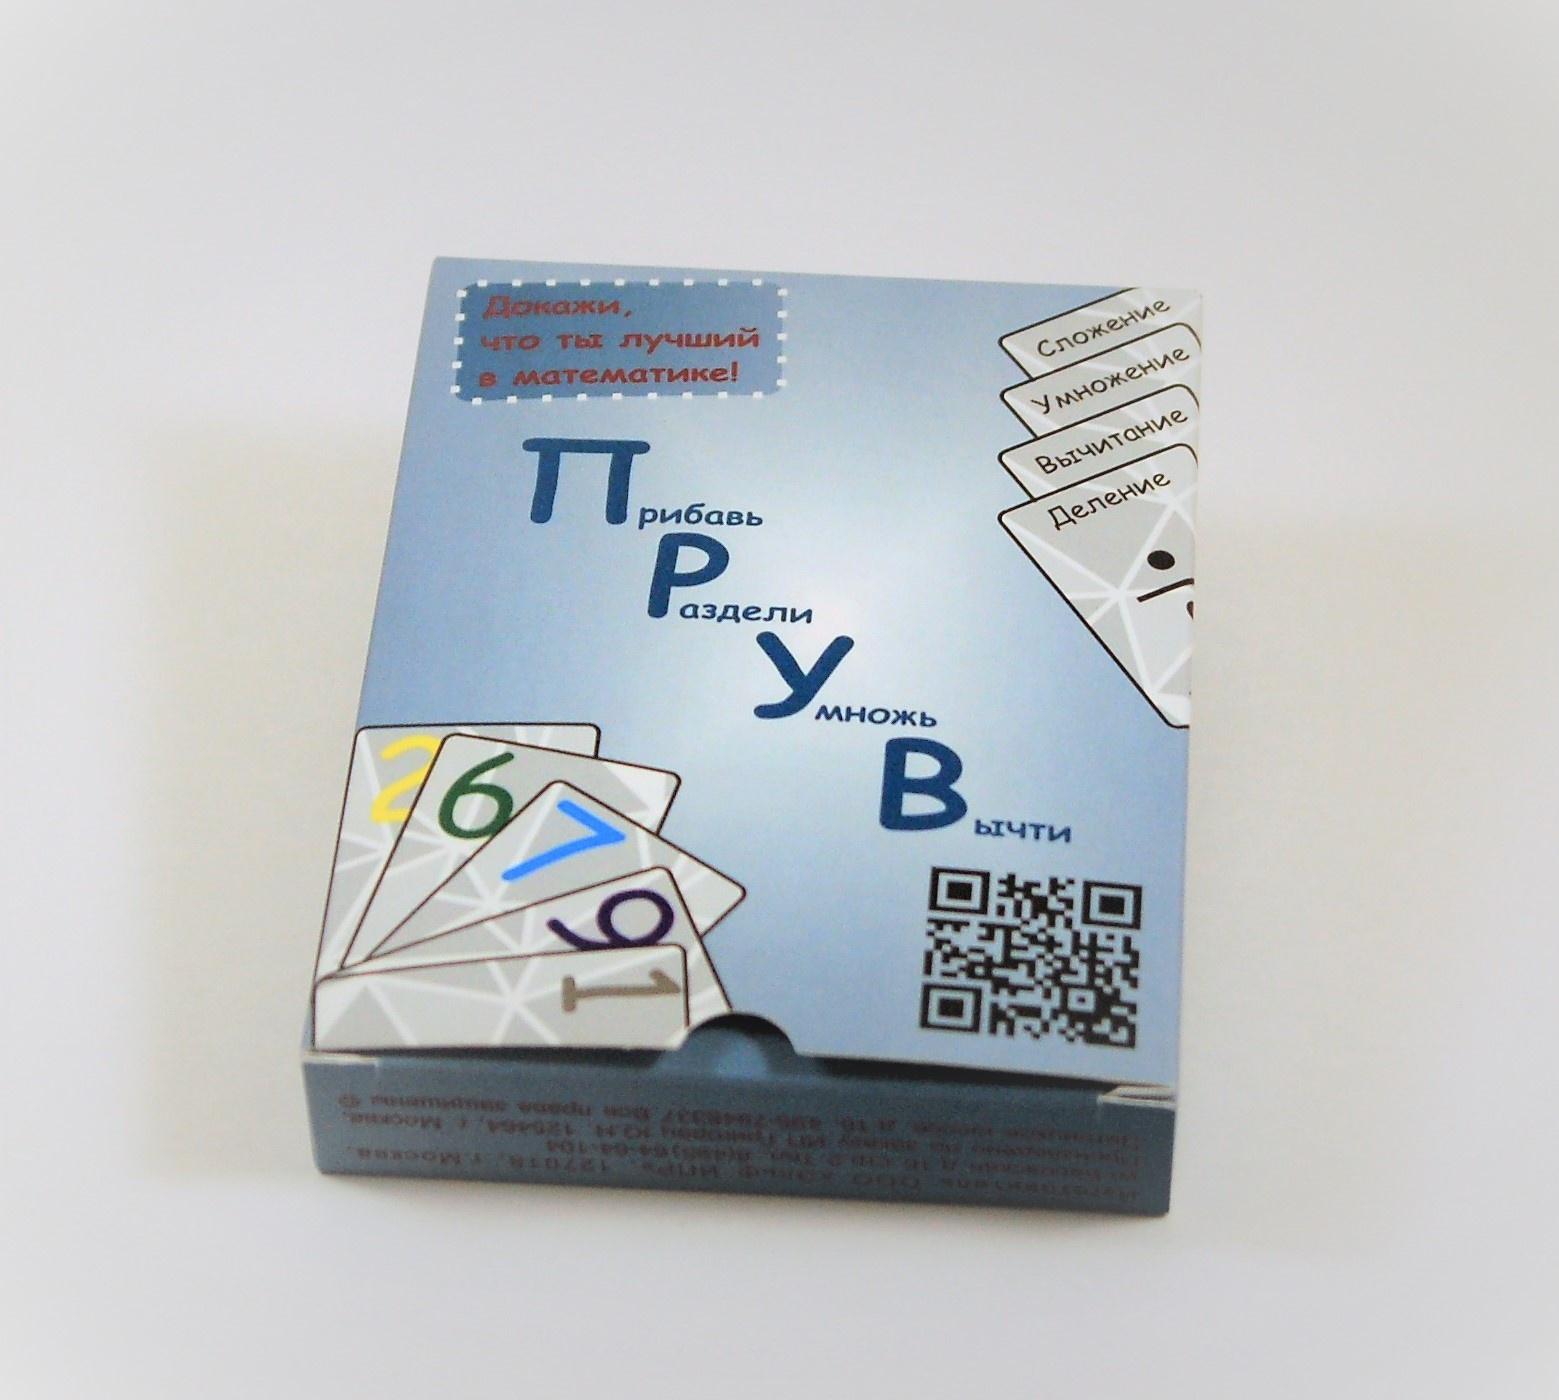 Обучающая игра Игровая мастерская ИНДИГО ПРУВ настольная математическая игра сувенир ump 45 индиго